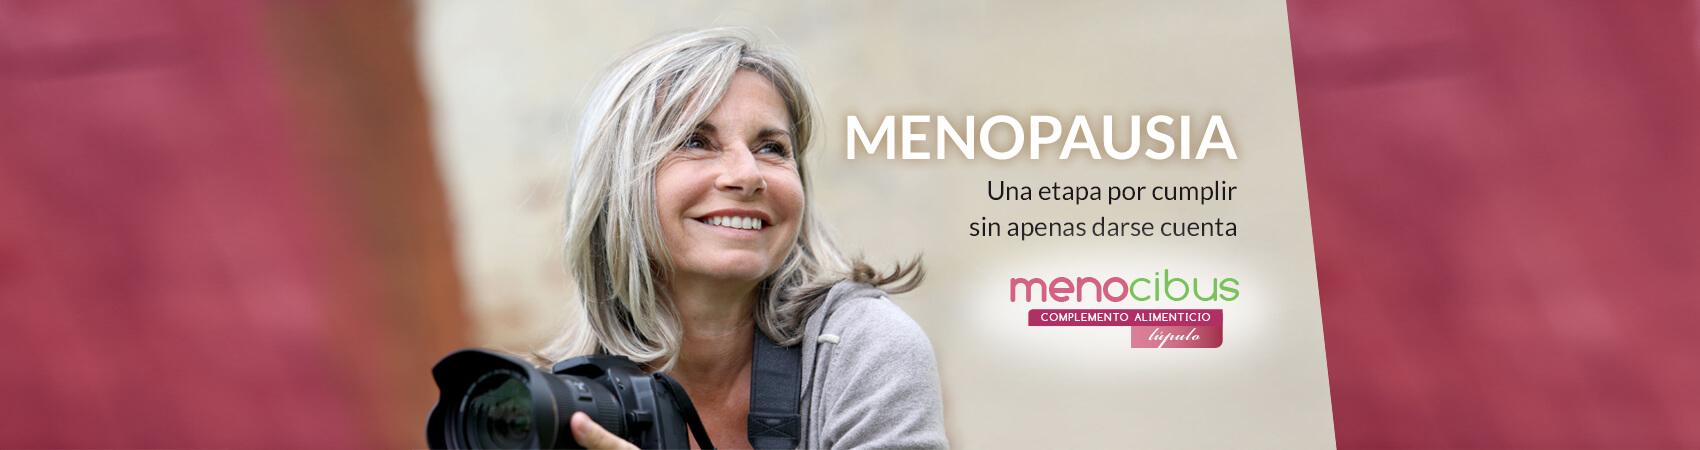 menopausia - una etapa por cumplir sin a penas darse cuenta